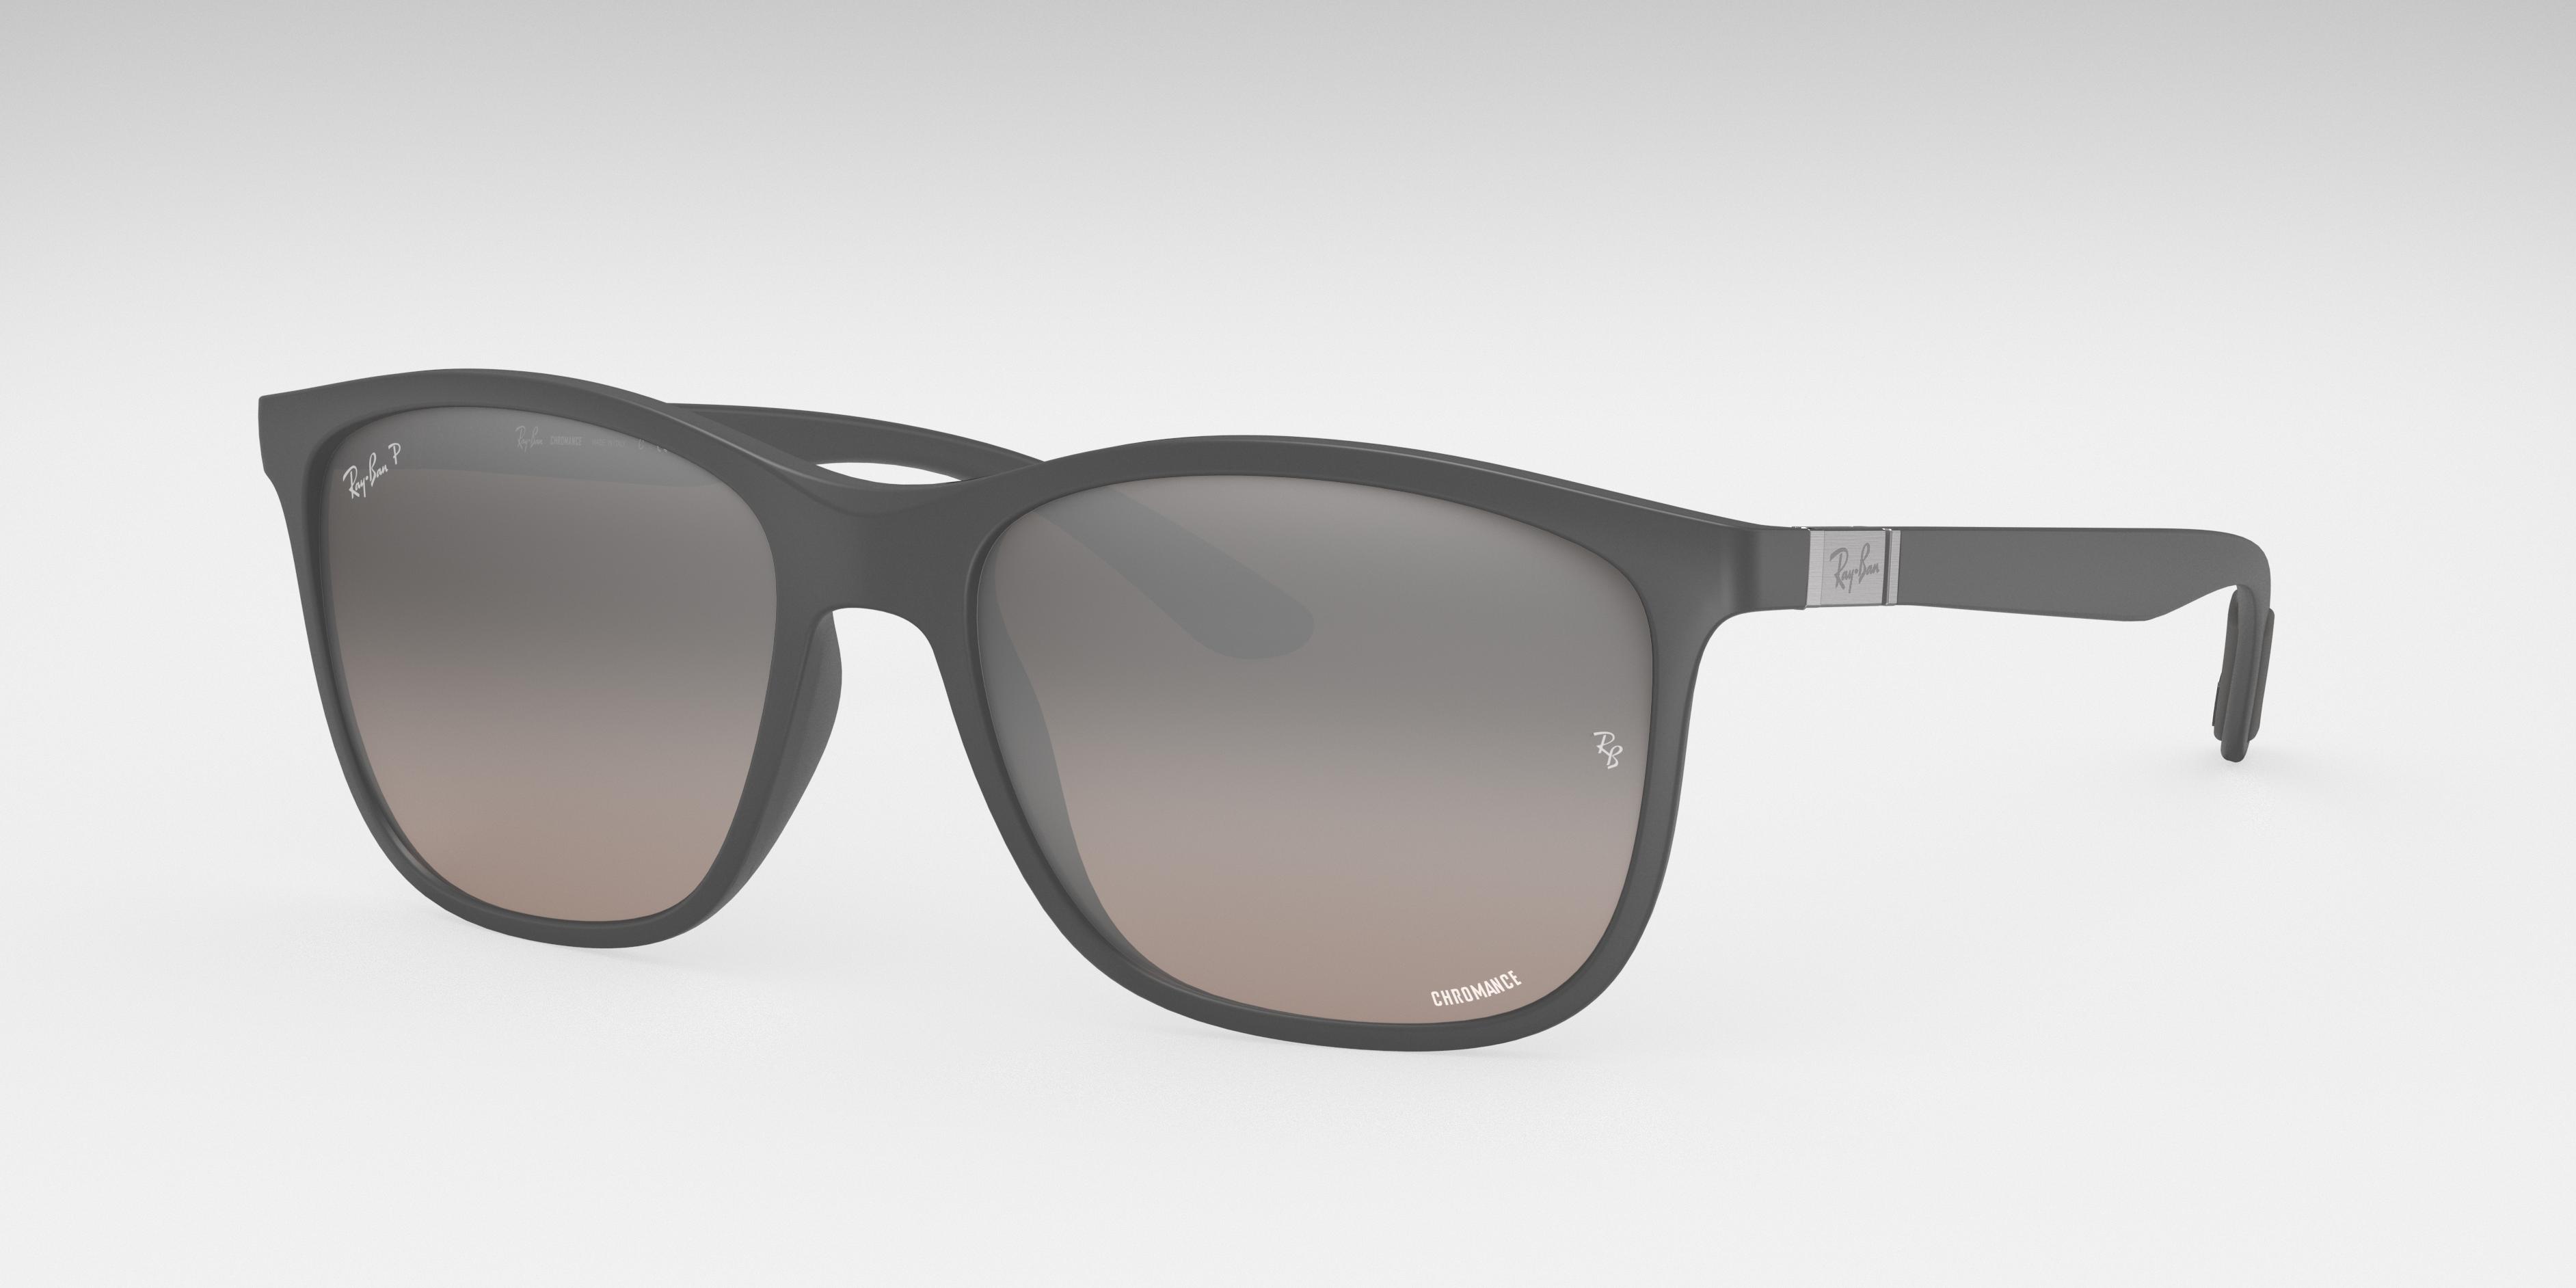 Ray-Ban Rb4330 Chromance Grey, Polarized Grey Lenses - RB4330CH